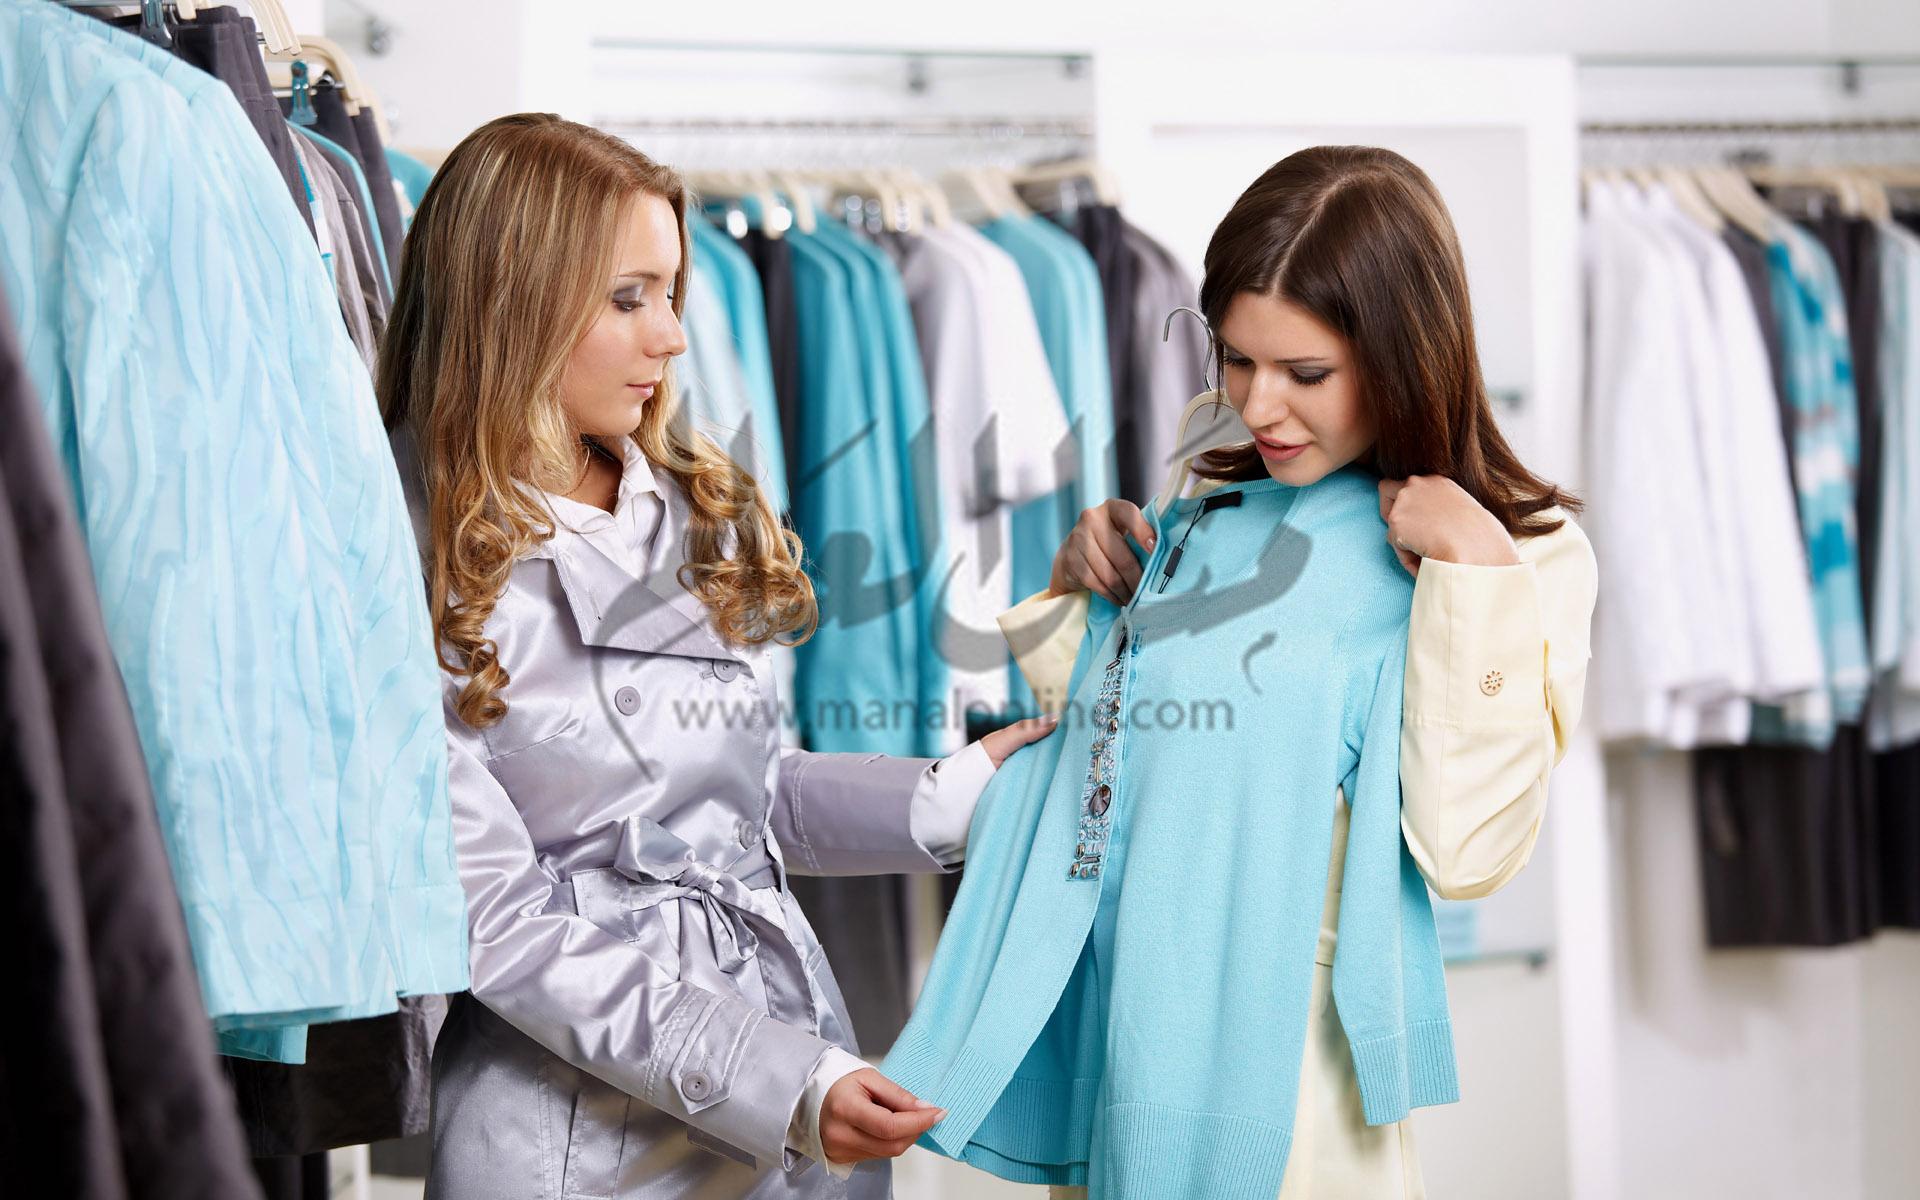 كيف تختار الملابس وفقاً لطولك حتى تتمتع بالأناقة والجاذبية - المشاهدات : 497